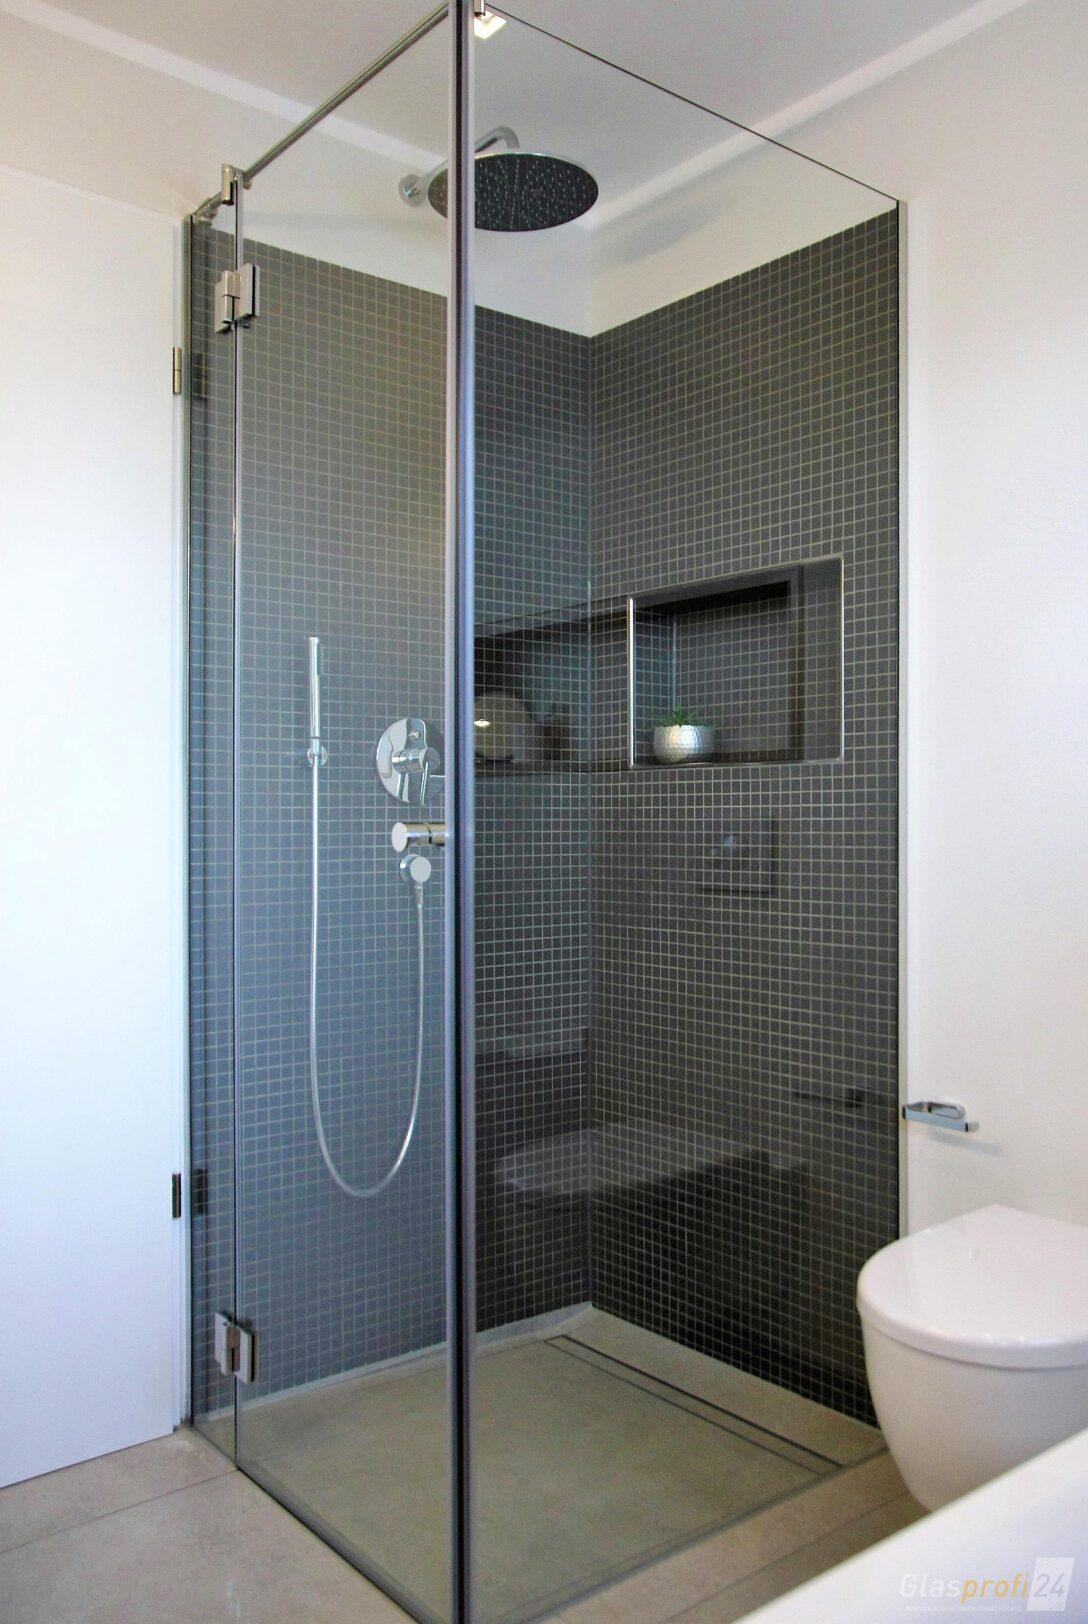 Large Size of Eckdusche Glaseckdusche Glasprofi24 Badewanne Mit Tür Und Dusche Siphon Duschen Kaufen Mischbatterie Eckeinstieg Glastür Sprinz Bodenebene Begehbare Dusche Eckeinstieg Dusche